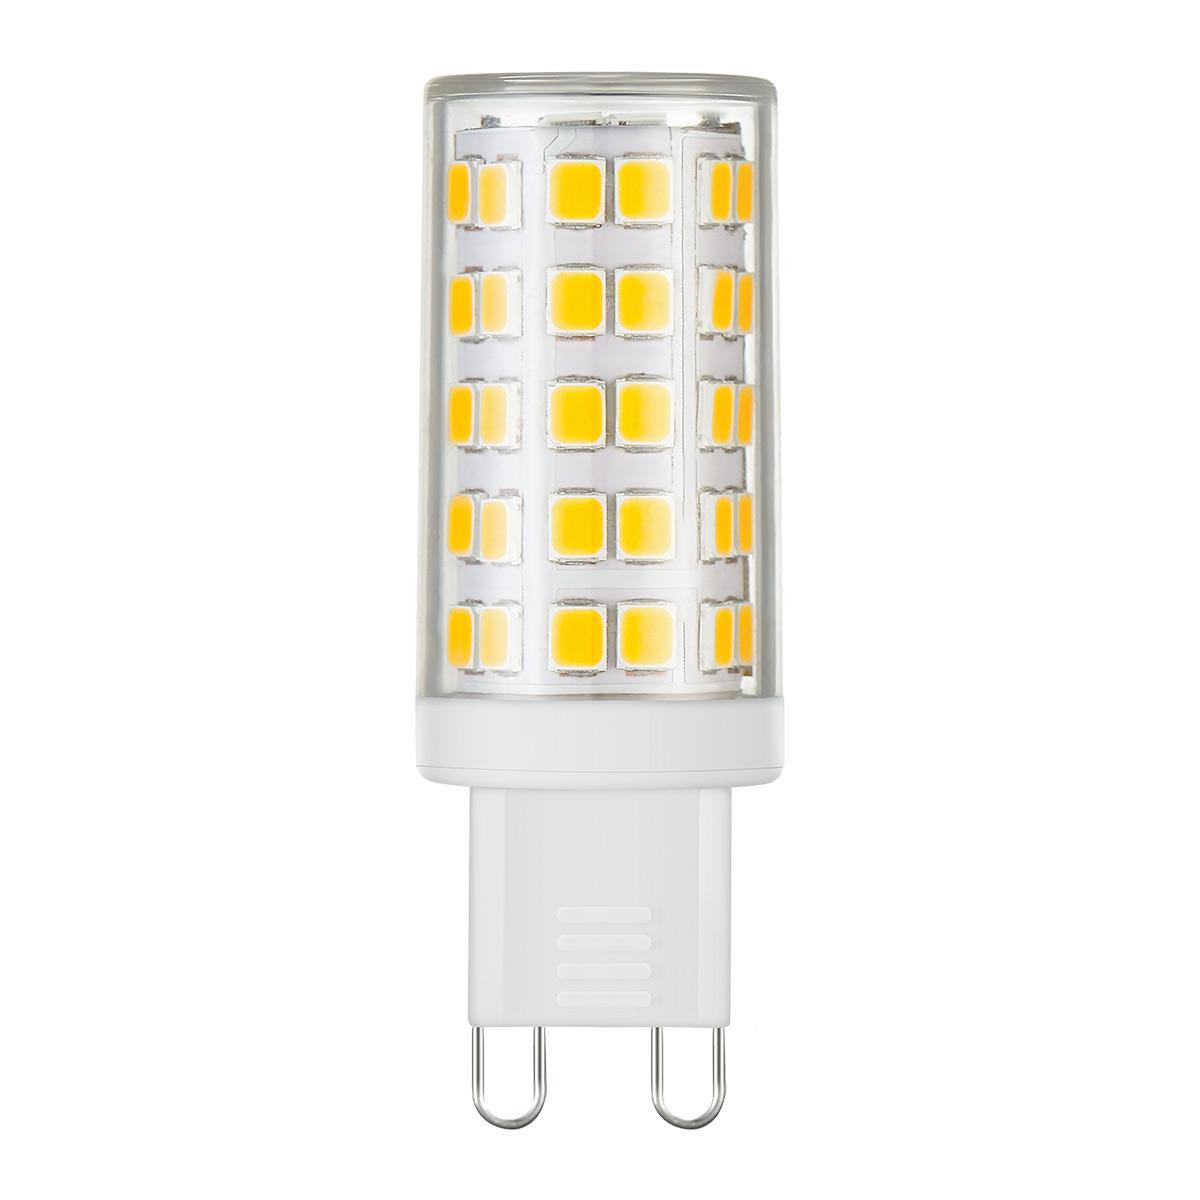 G9 LED BL109 9W 220V 3300K